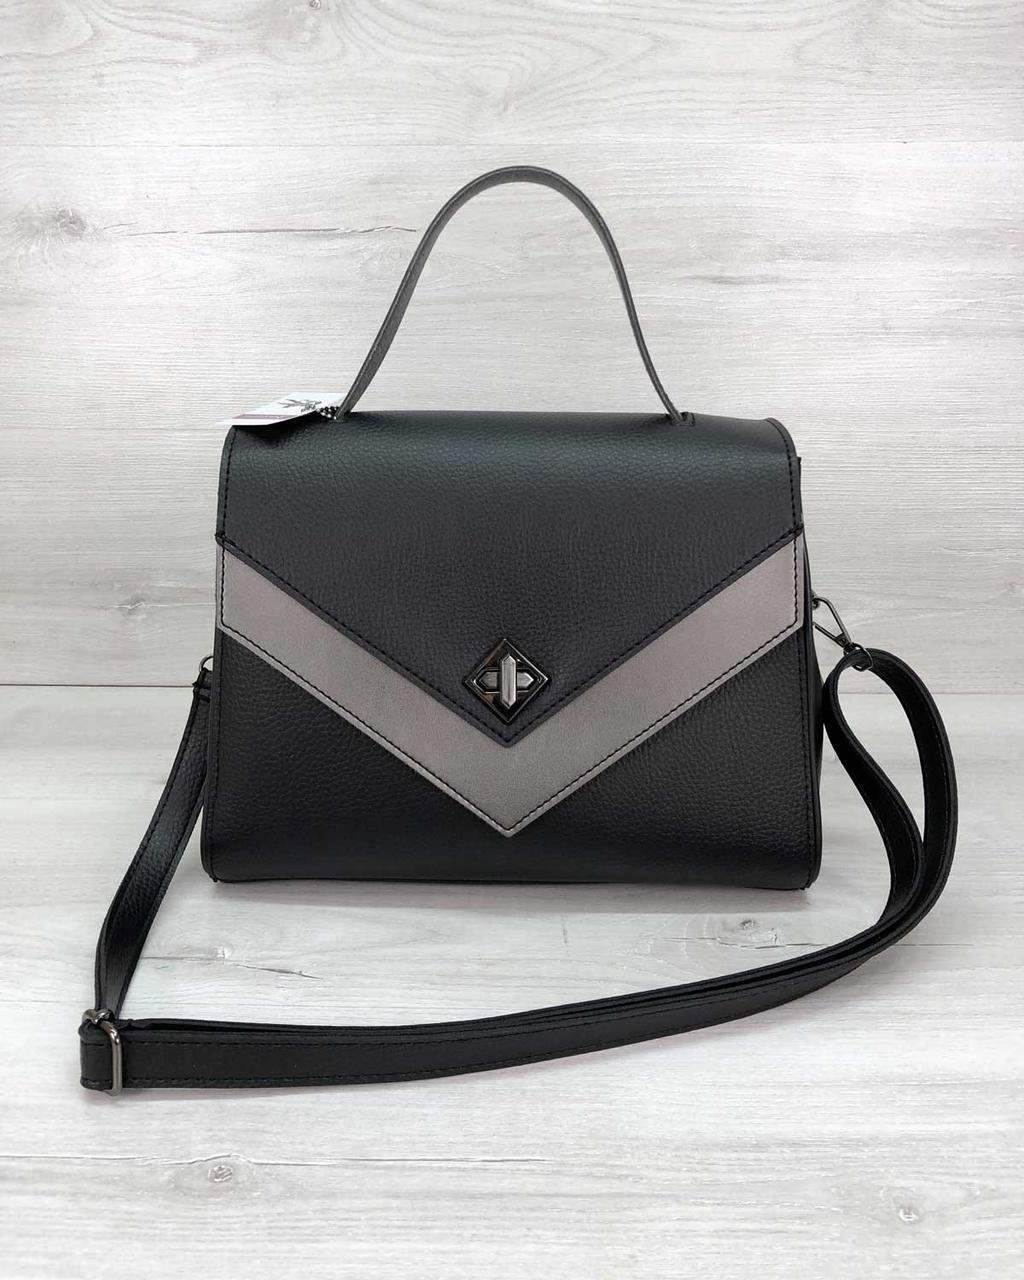 Черная женская сумка портфель 57703 деловая с ручкой и ремешком